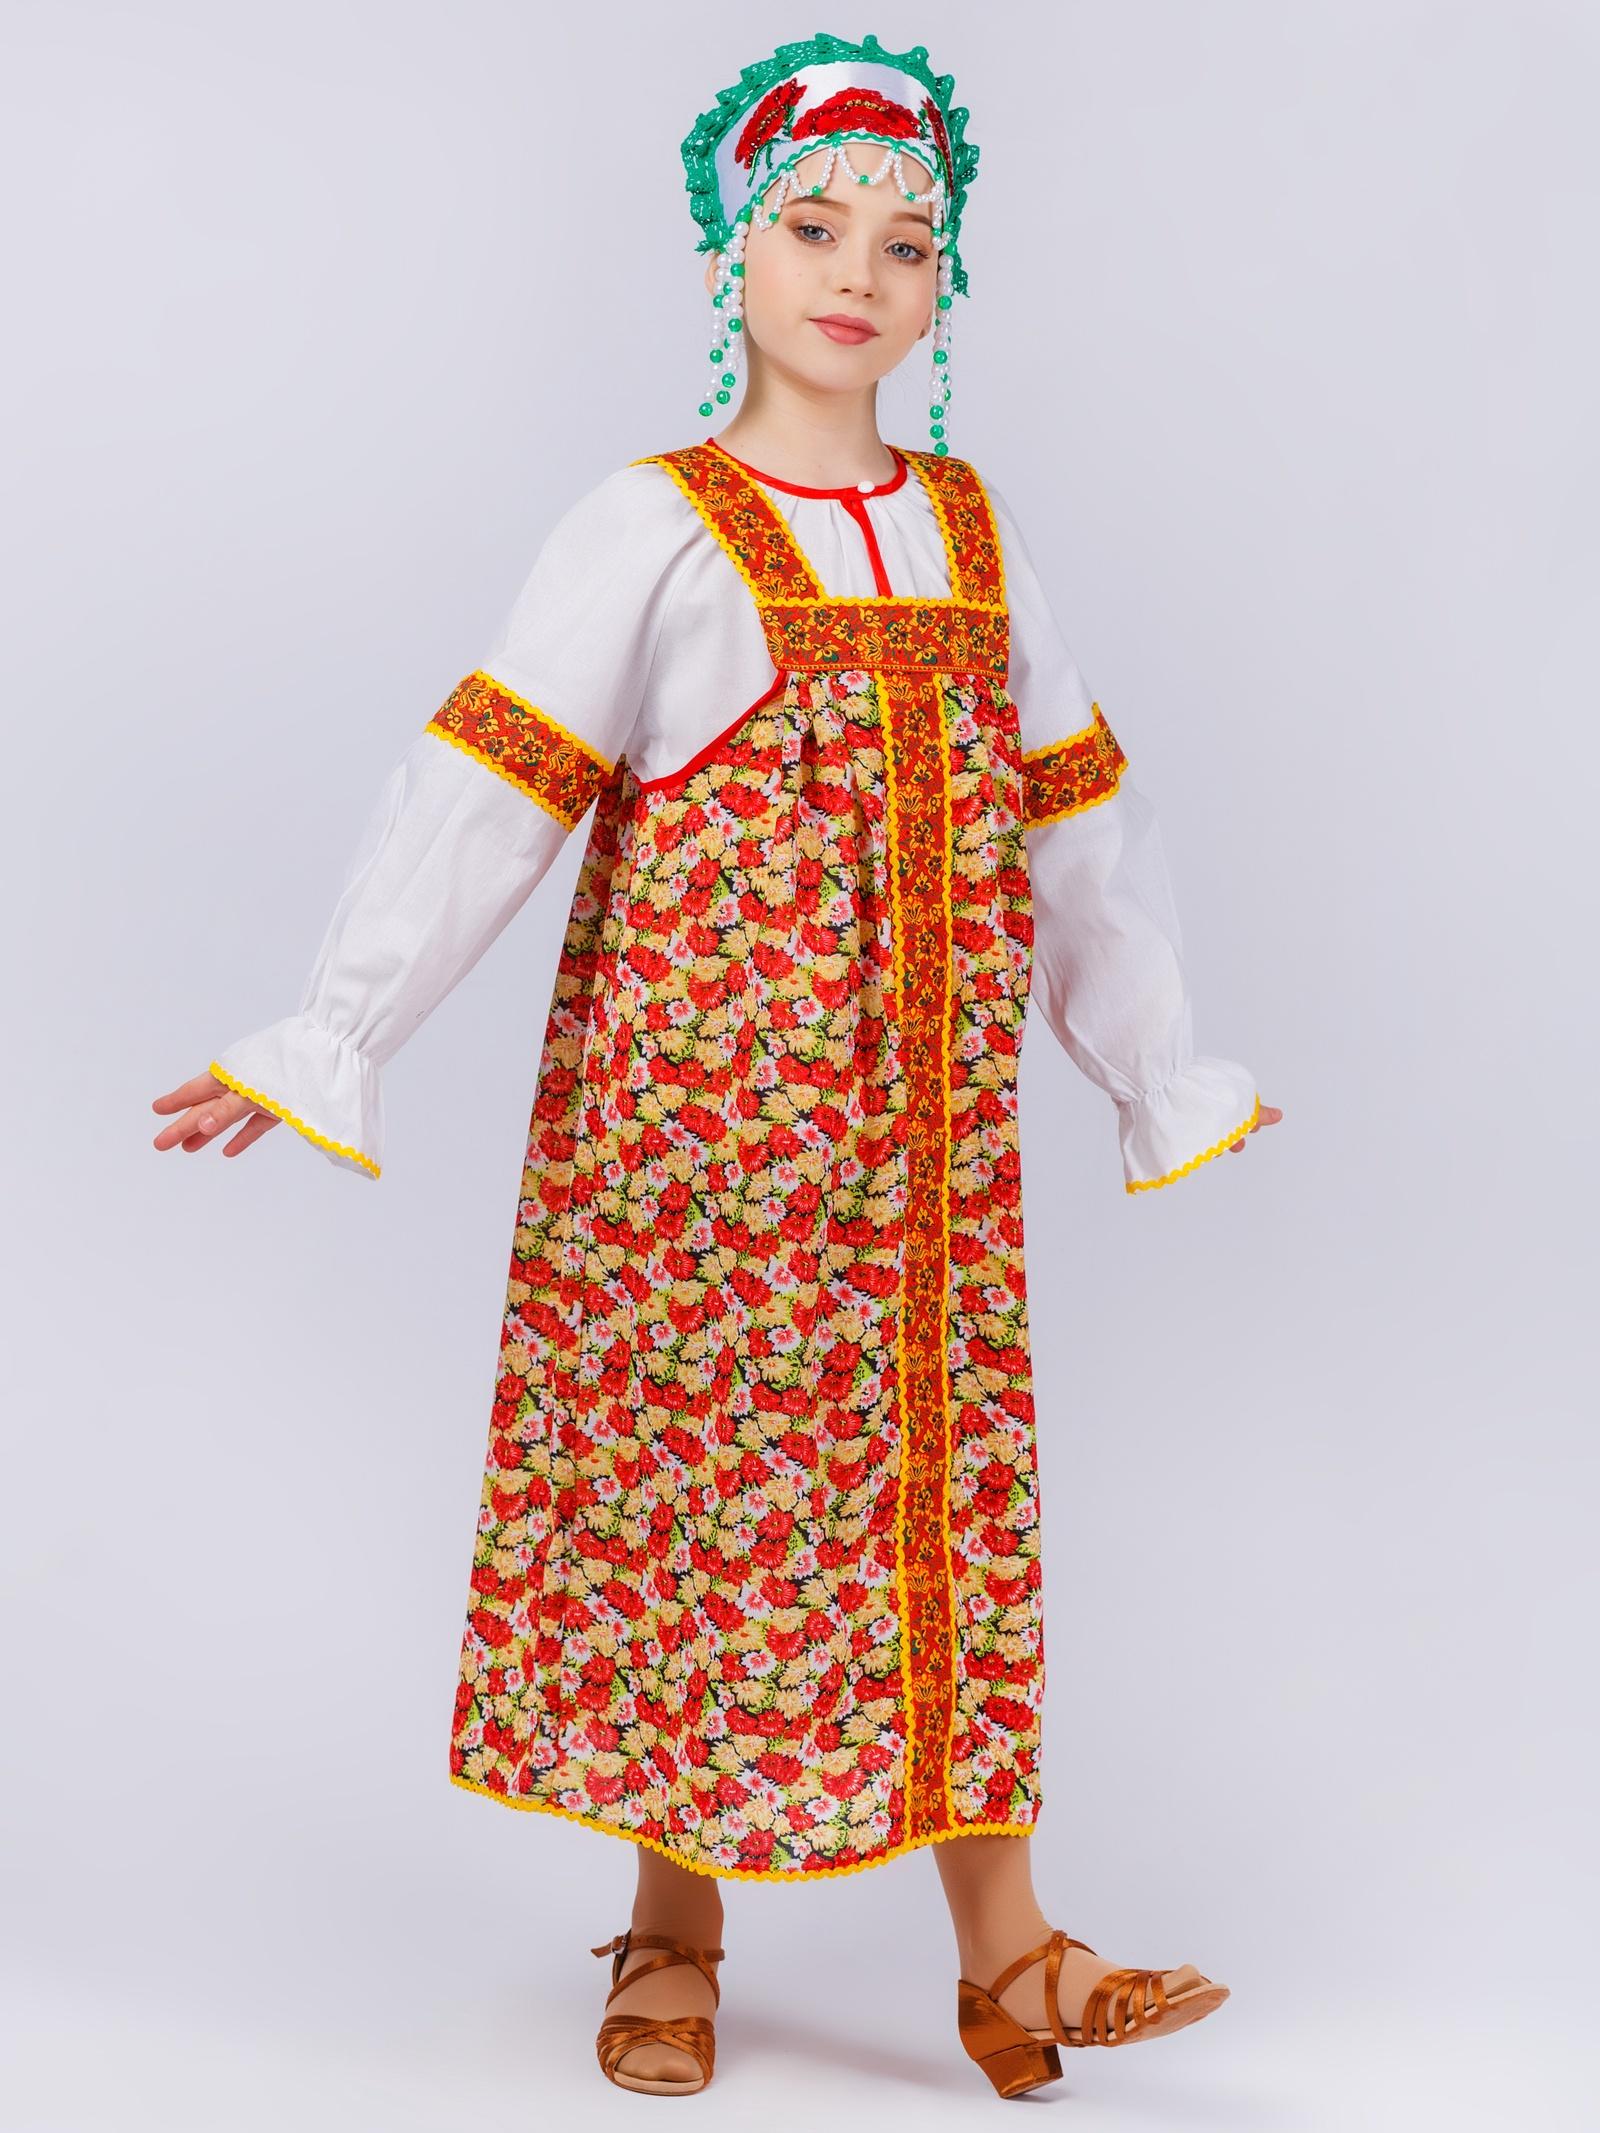 Карнавальный костюм Gala-Вальс сарафан цветной, красный, белый цена 2017